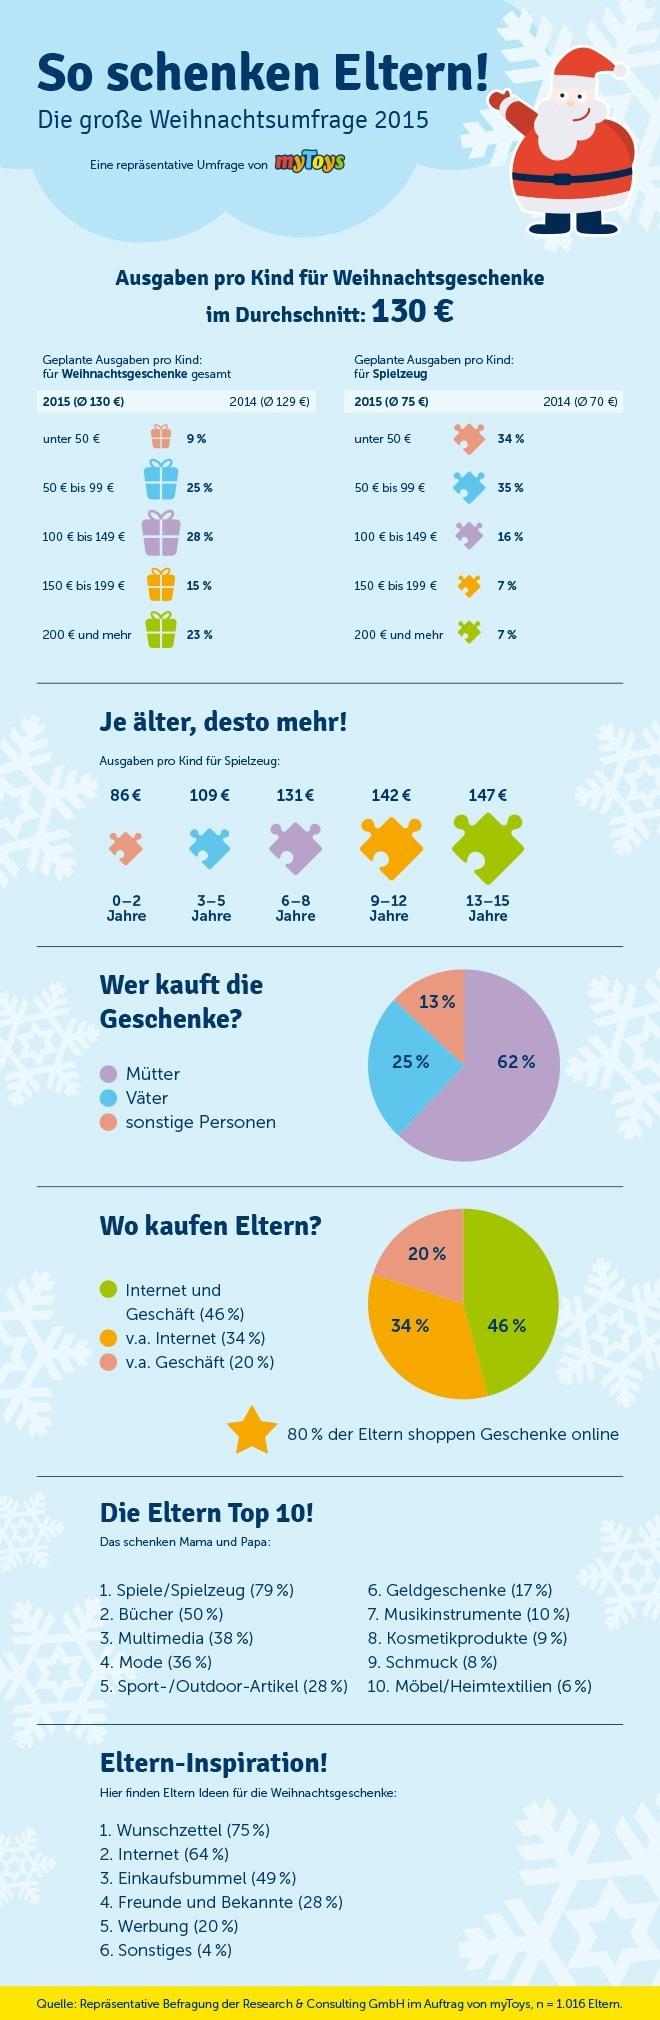 Reicher Gabentisch 2015: Konsumlust der Eltern zum Weihnachtsfest ungebremst / Repräsentative Umfrage: Eltern investieren 130 Euro pro Kind, verschenken Bücher und shoppen am liebsten online